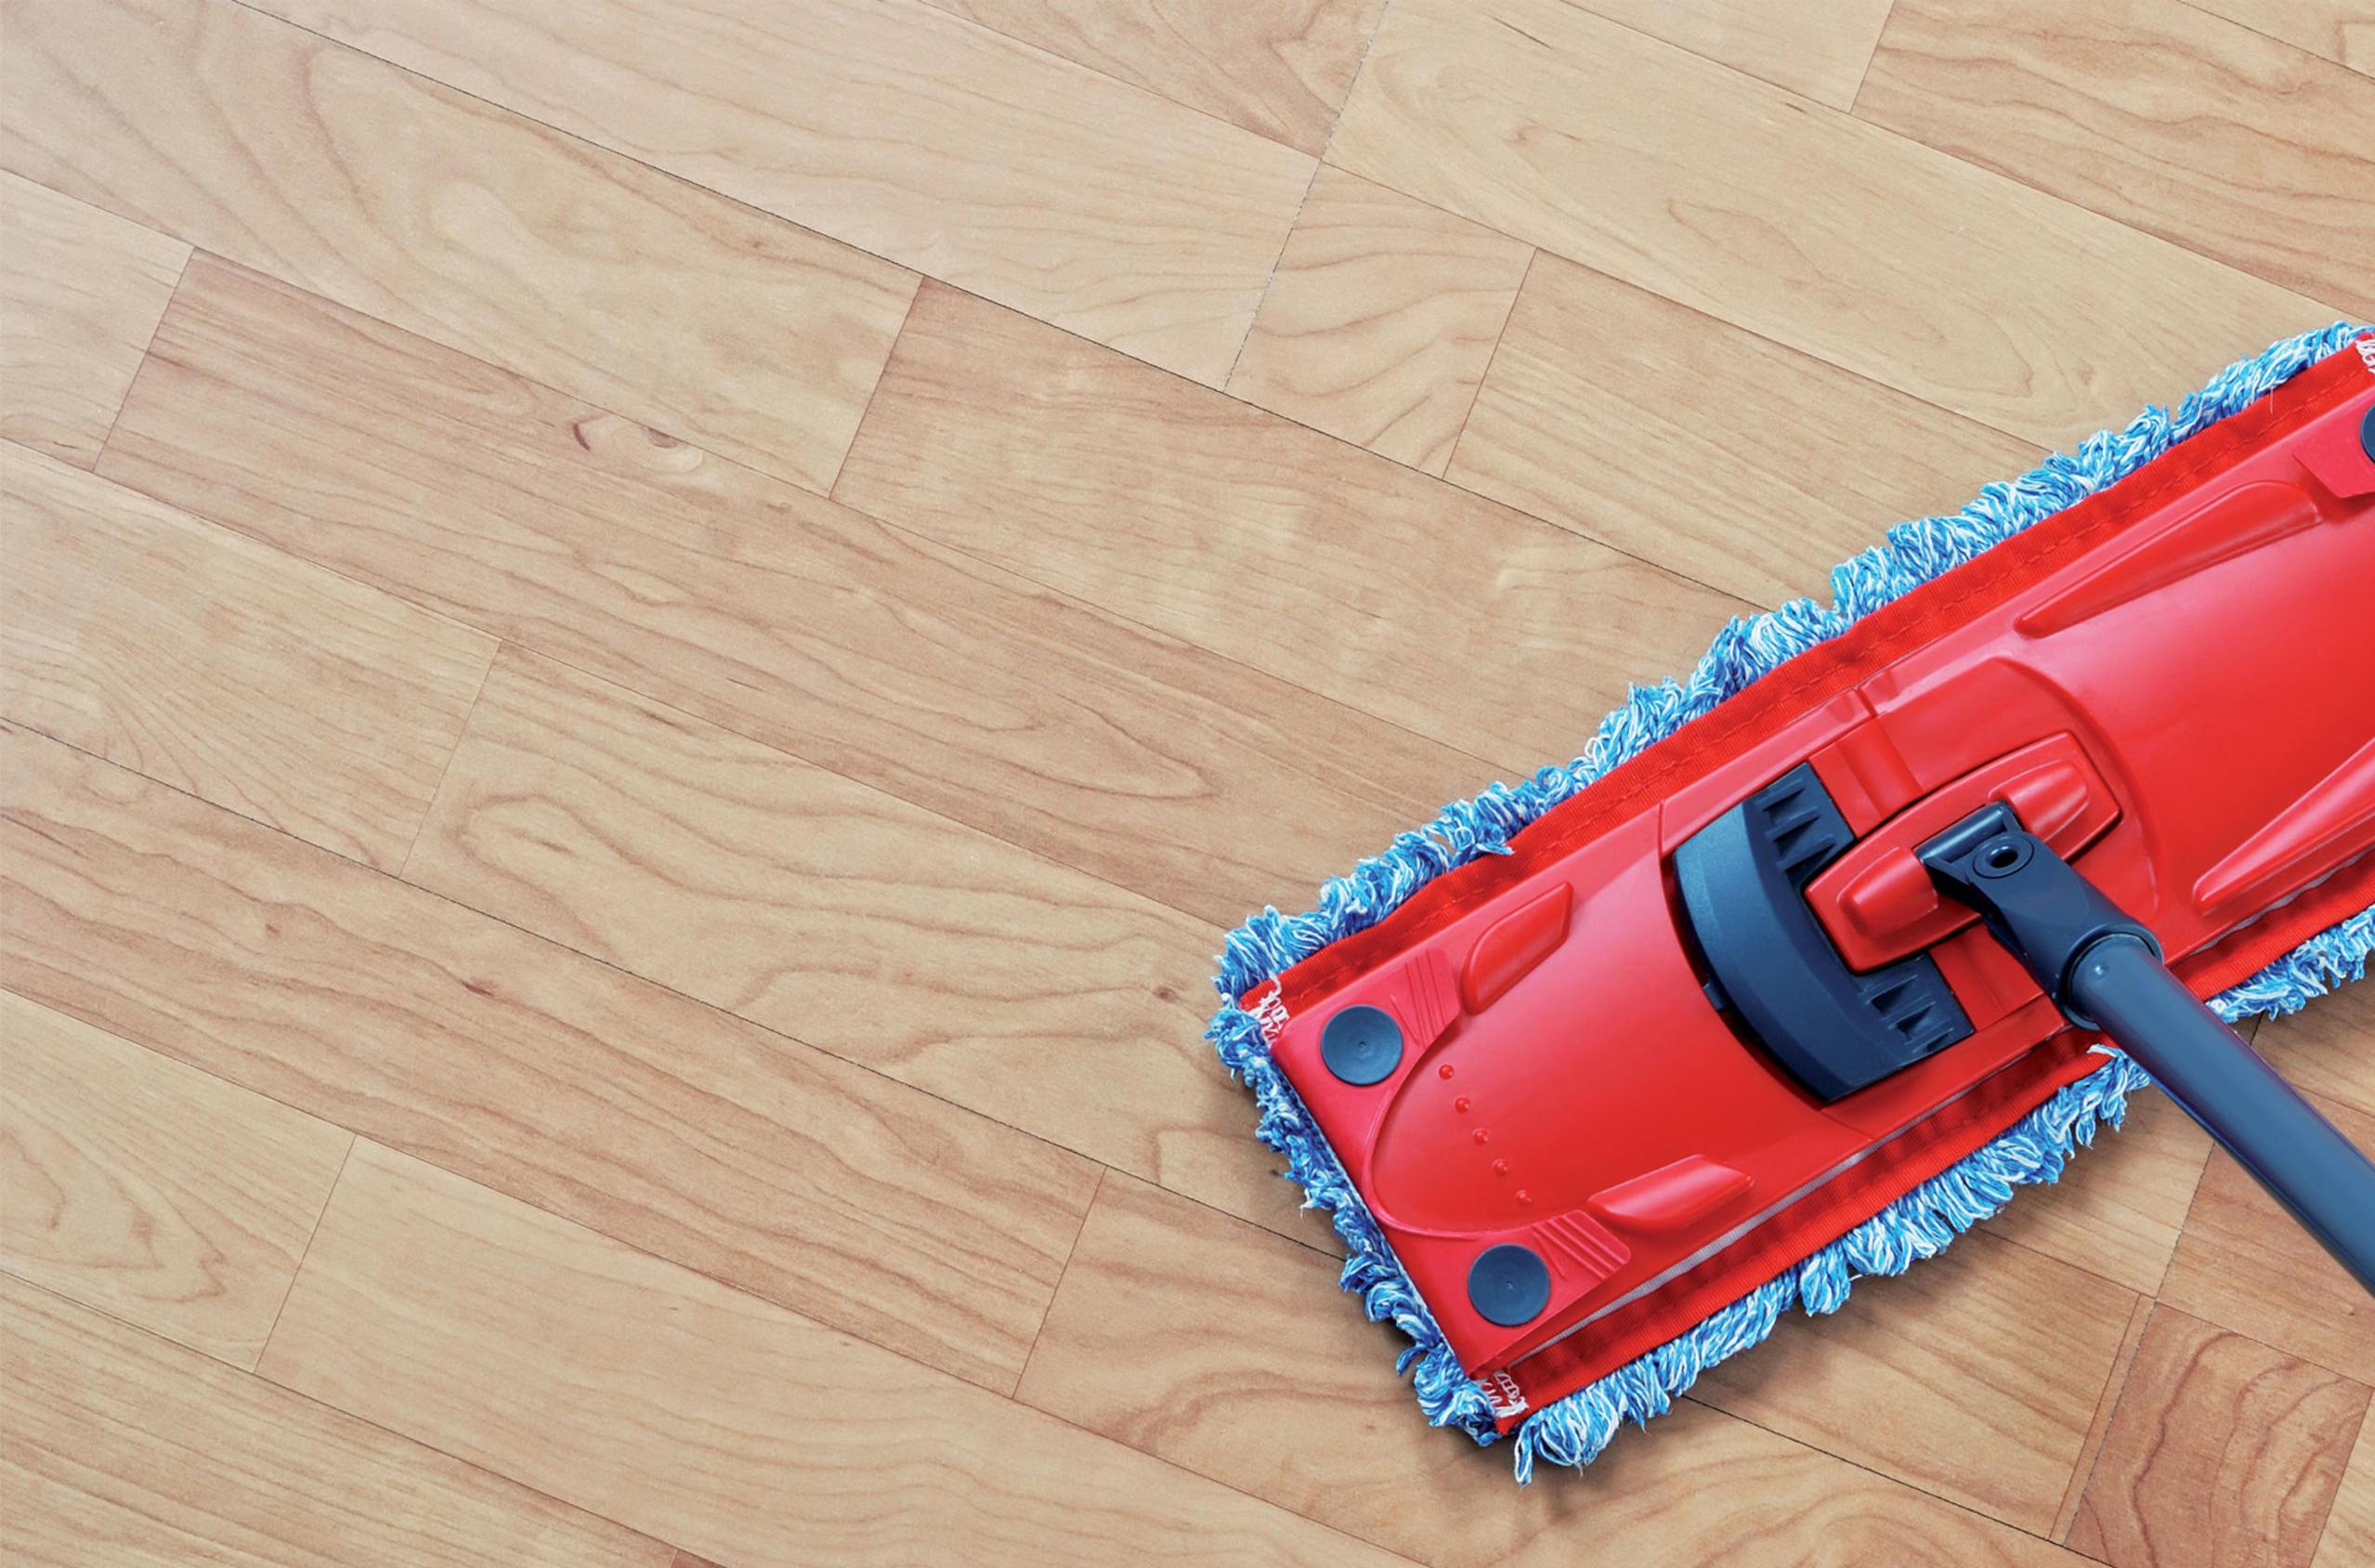 Hygien och rengöring